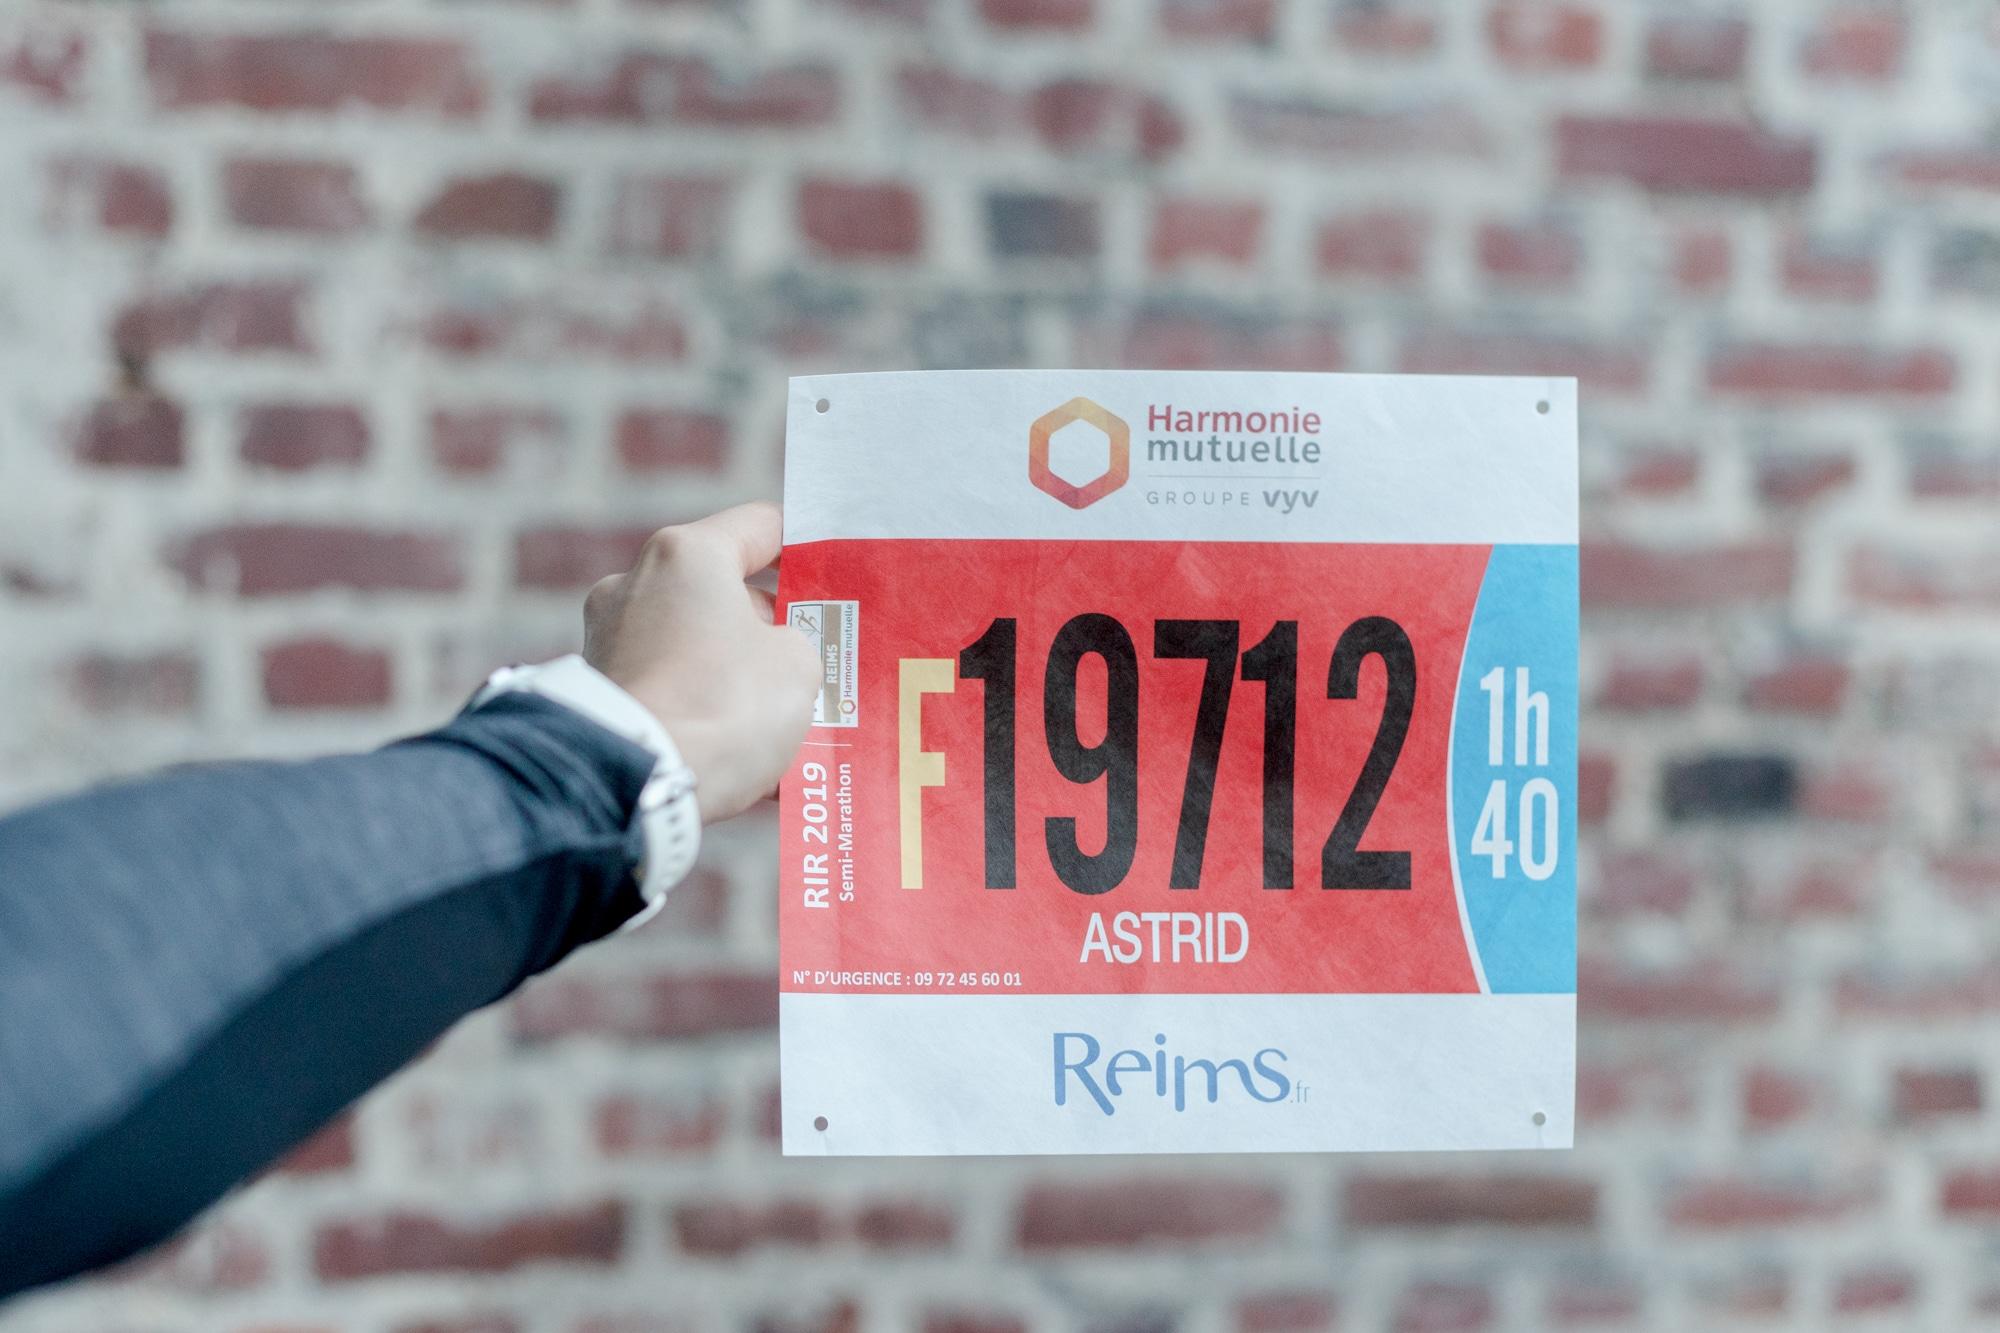 run in reims compte-rendu semi-marathon